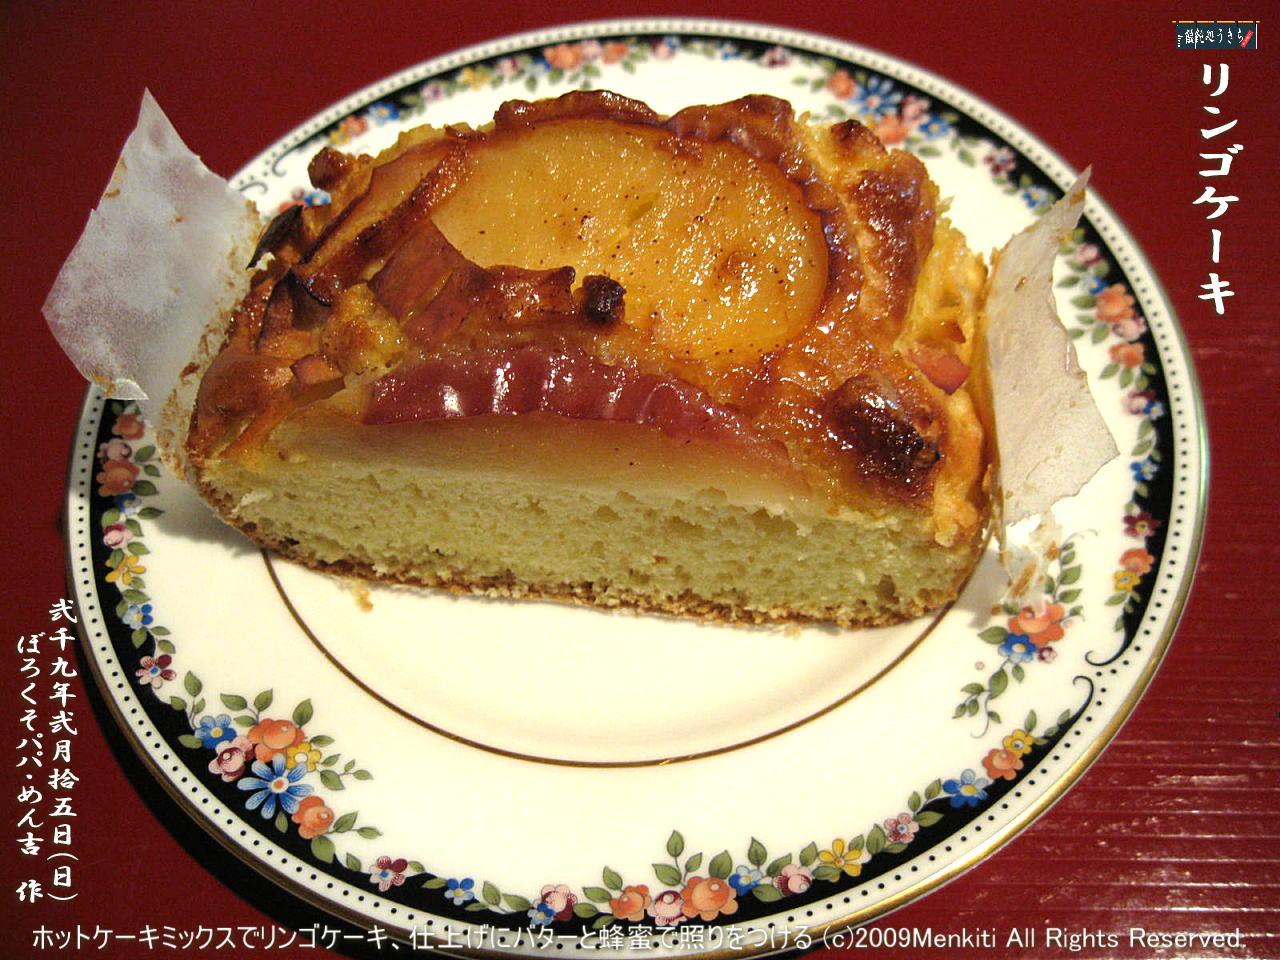 2/15(日)ホットケーキミックスでリンゴケーキ、仕上げにバターと蜂蜜で照りをつける @キャツピ&めん吉の【ぼろくそパパの独り言】    ▼クリックで1280x960pxlsに拡大します。